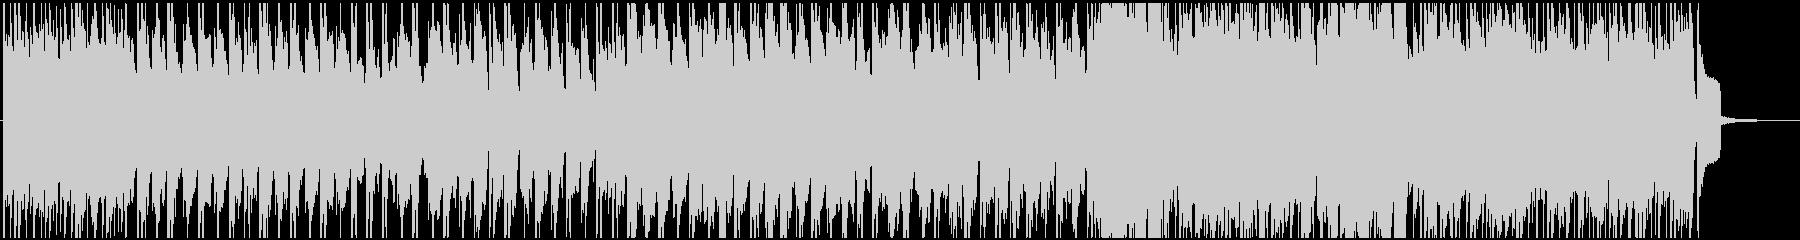 北島三郎のイメージのオリジナル演歌の未再生の波形